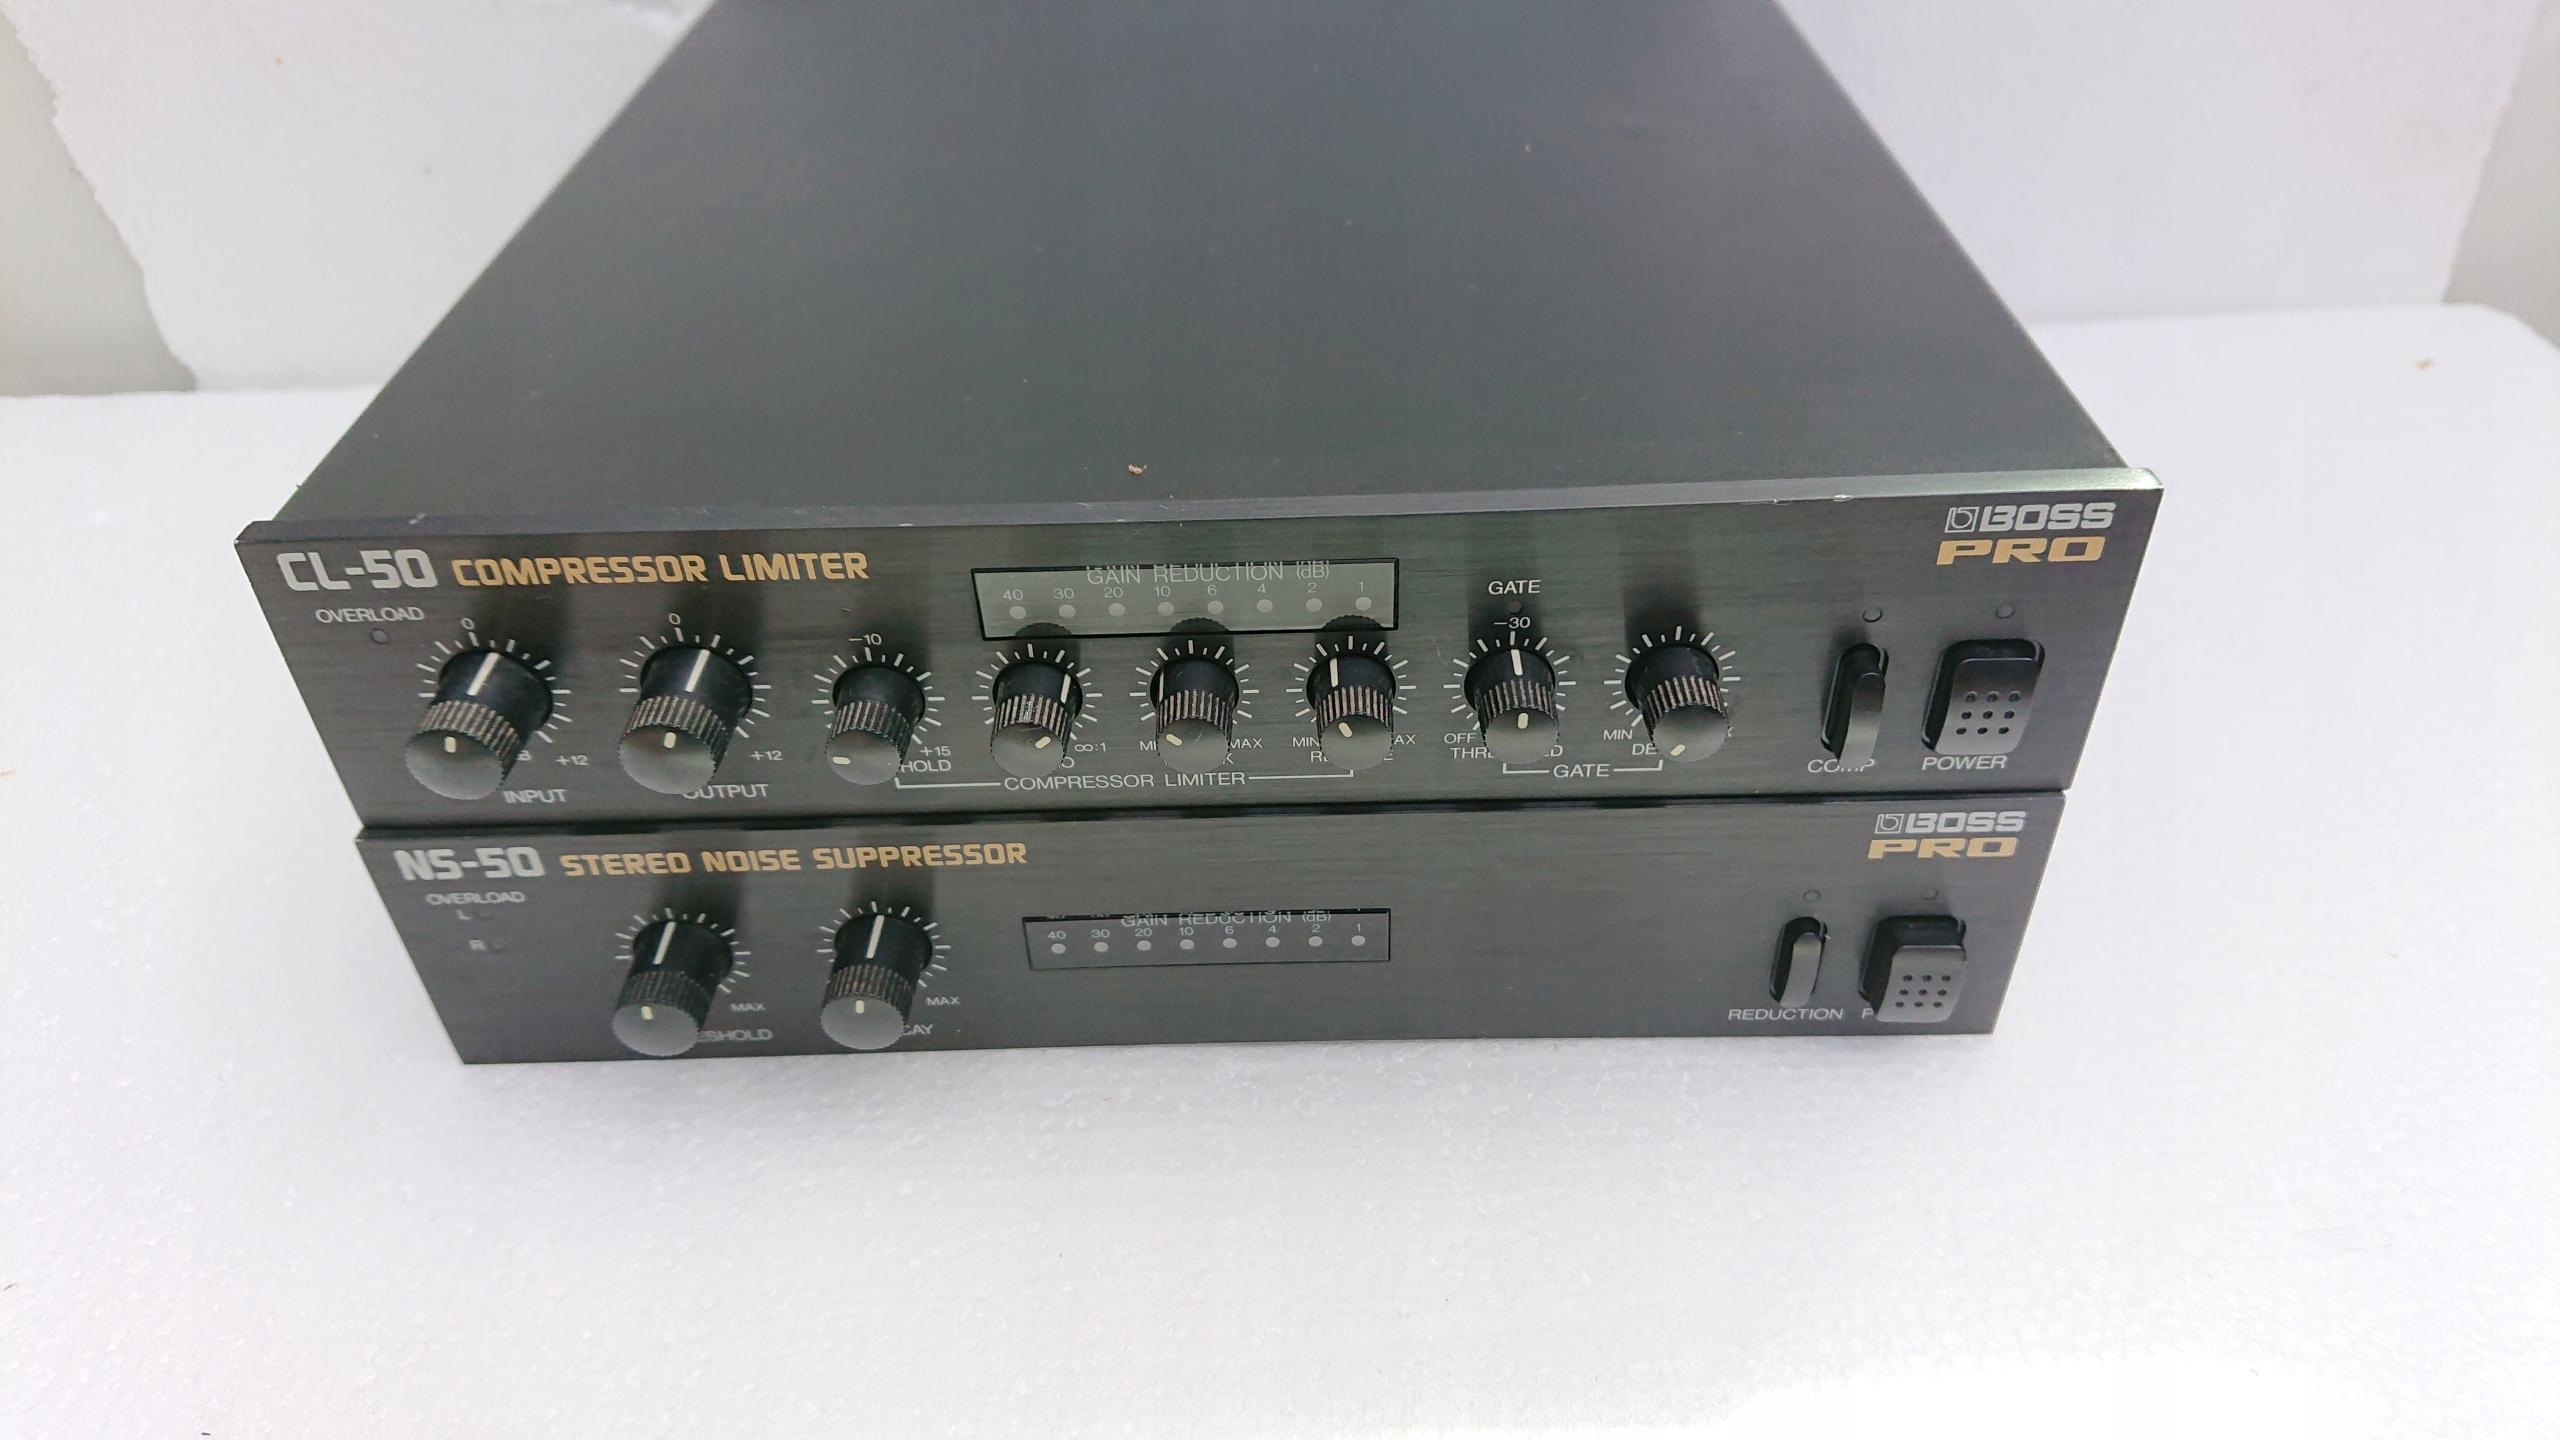 Kompresor BOSS CL-50 i bramka NS-50